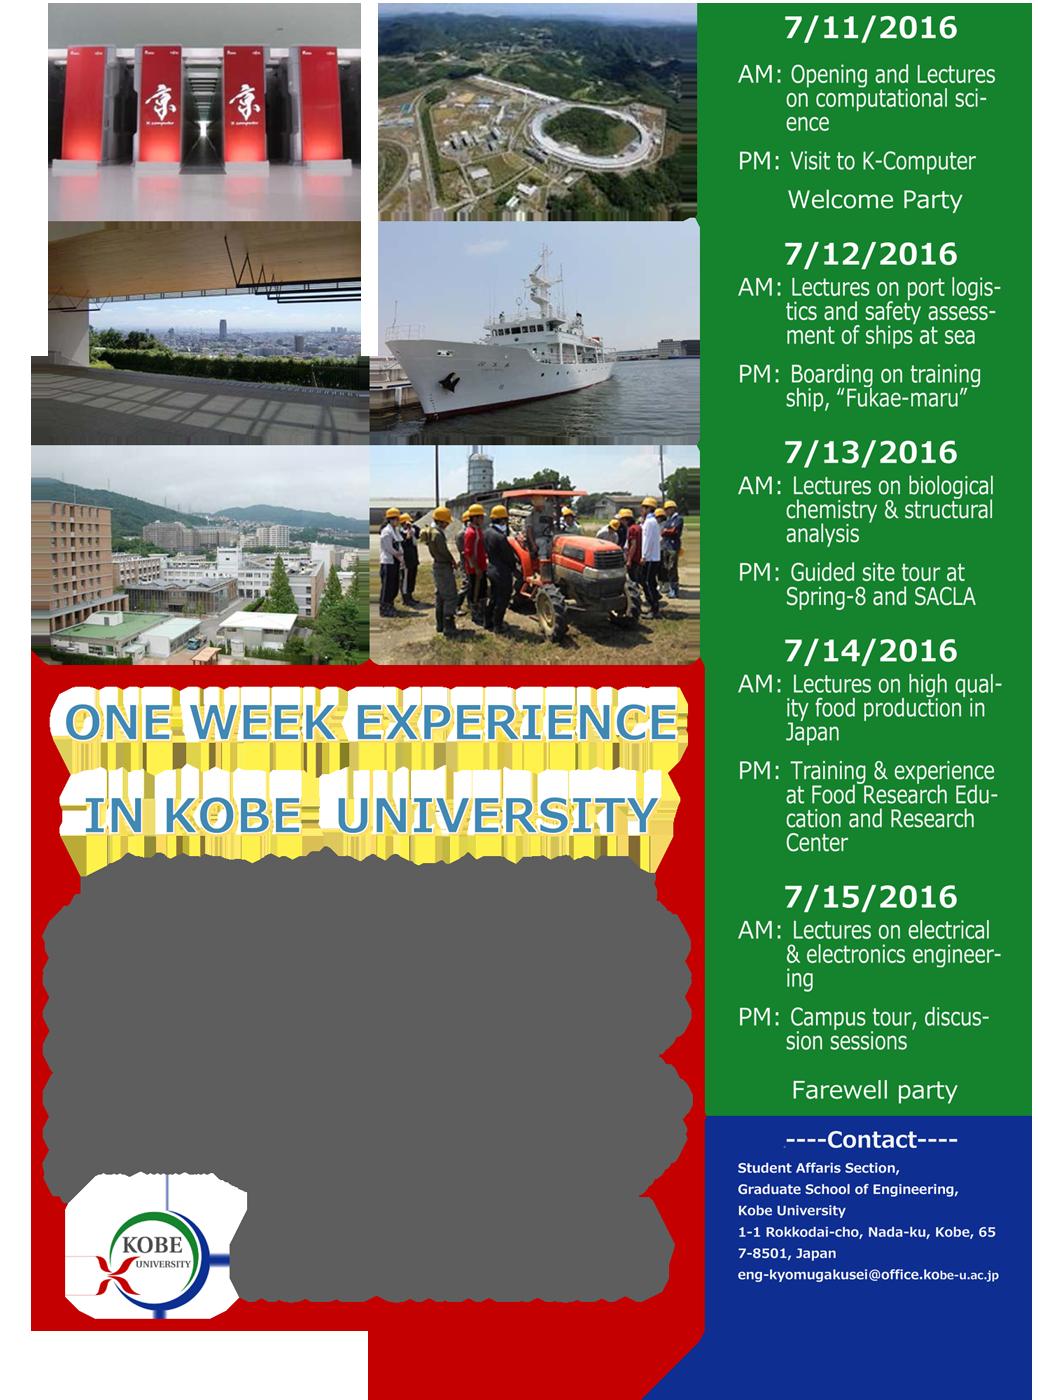 information om Kobe University